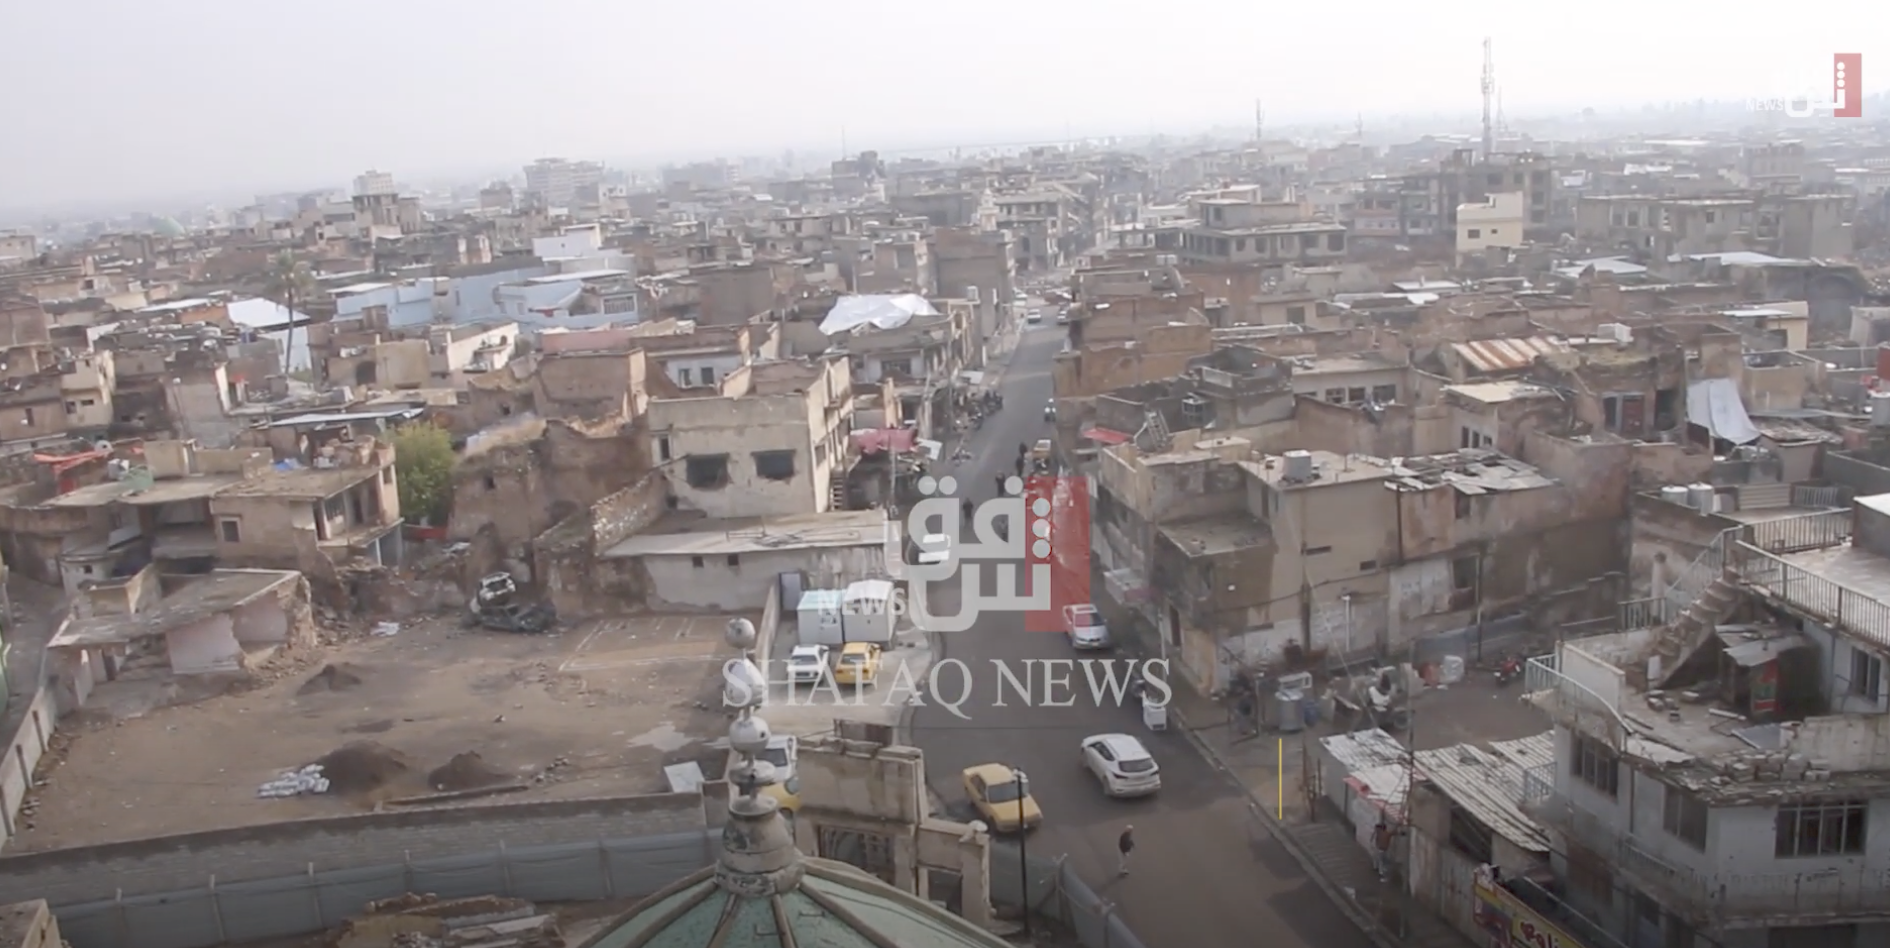 """فيديو.. مدينة الثقافة والحضارة العراقية تعود للعصور المظلمة عبر """"مشعوذين"""""""